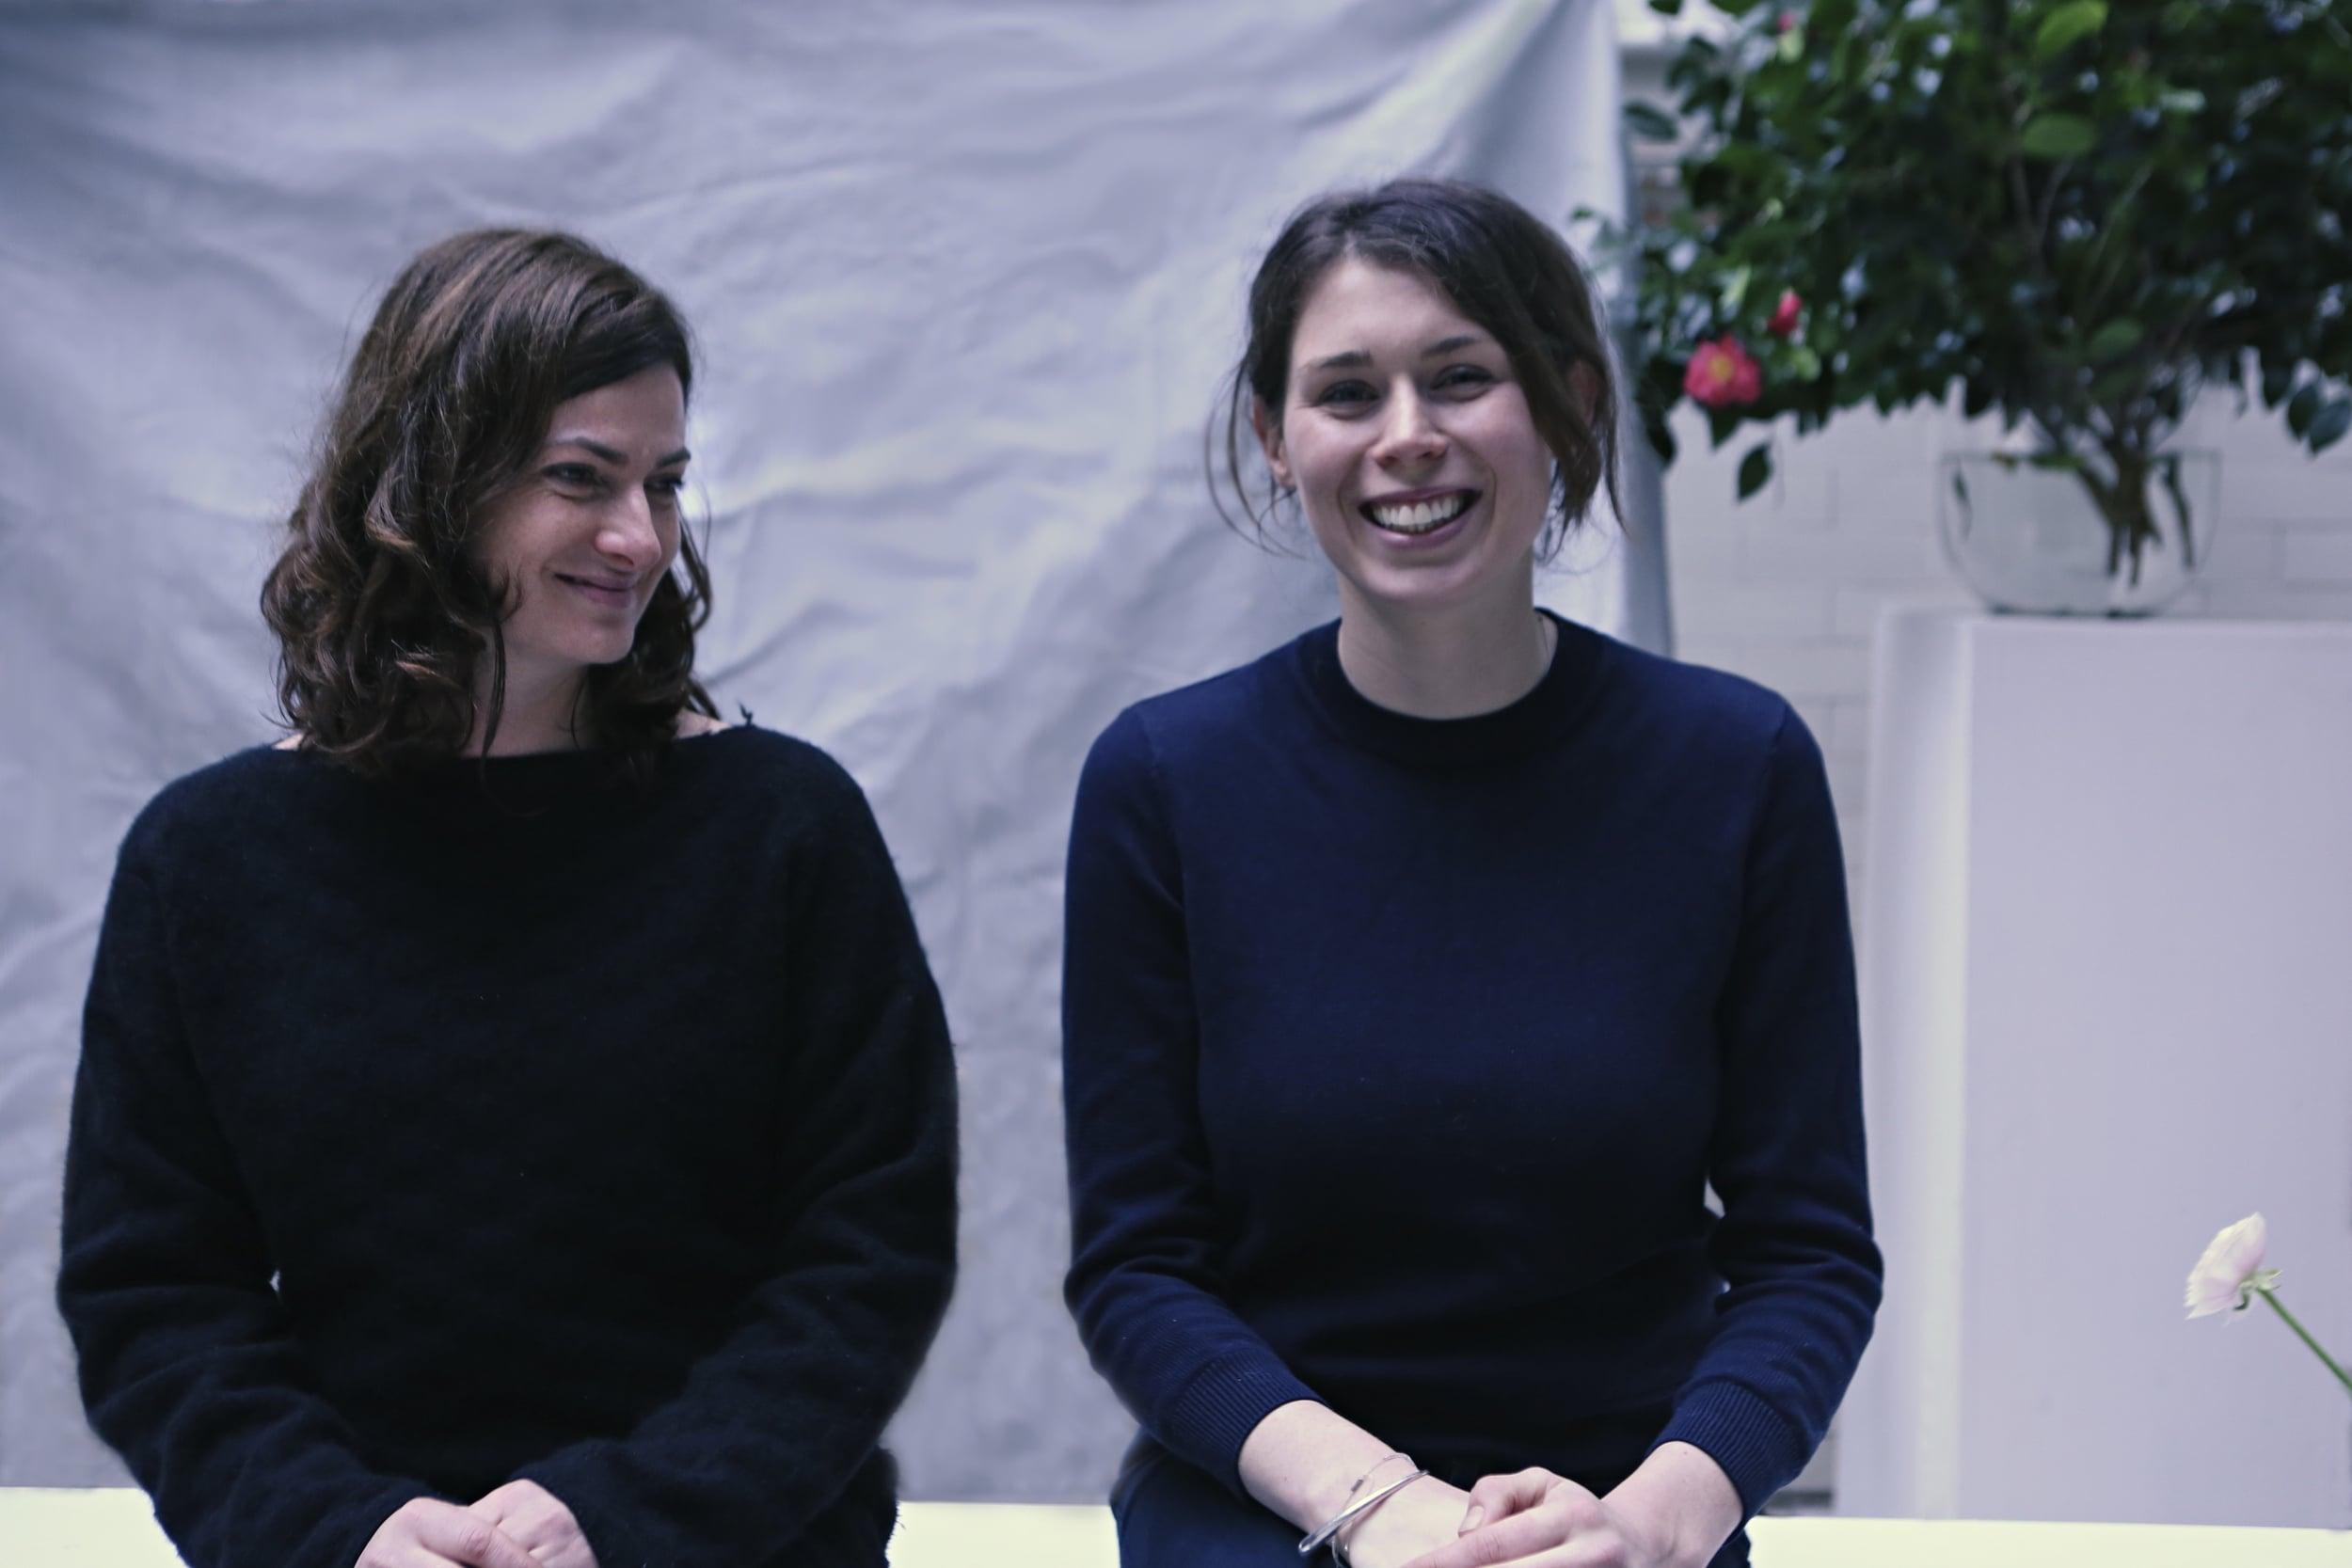 Simone gooch & lucinda bell